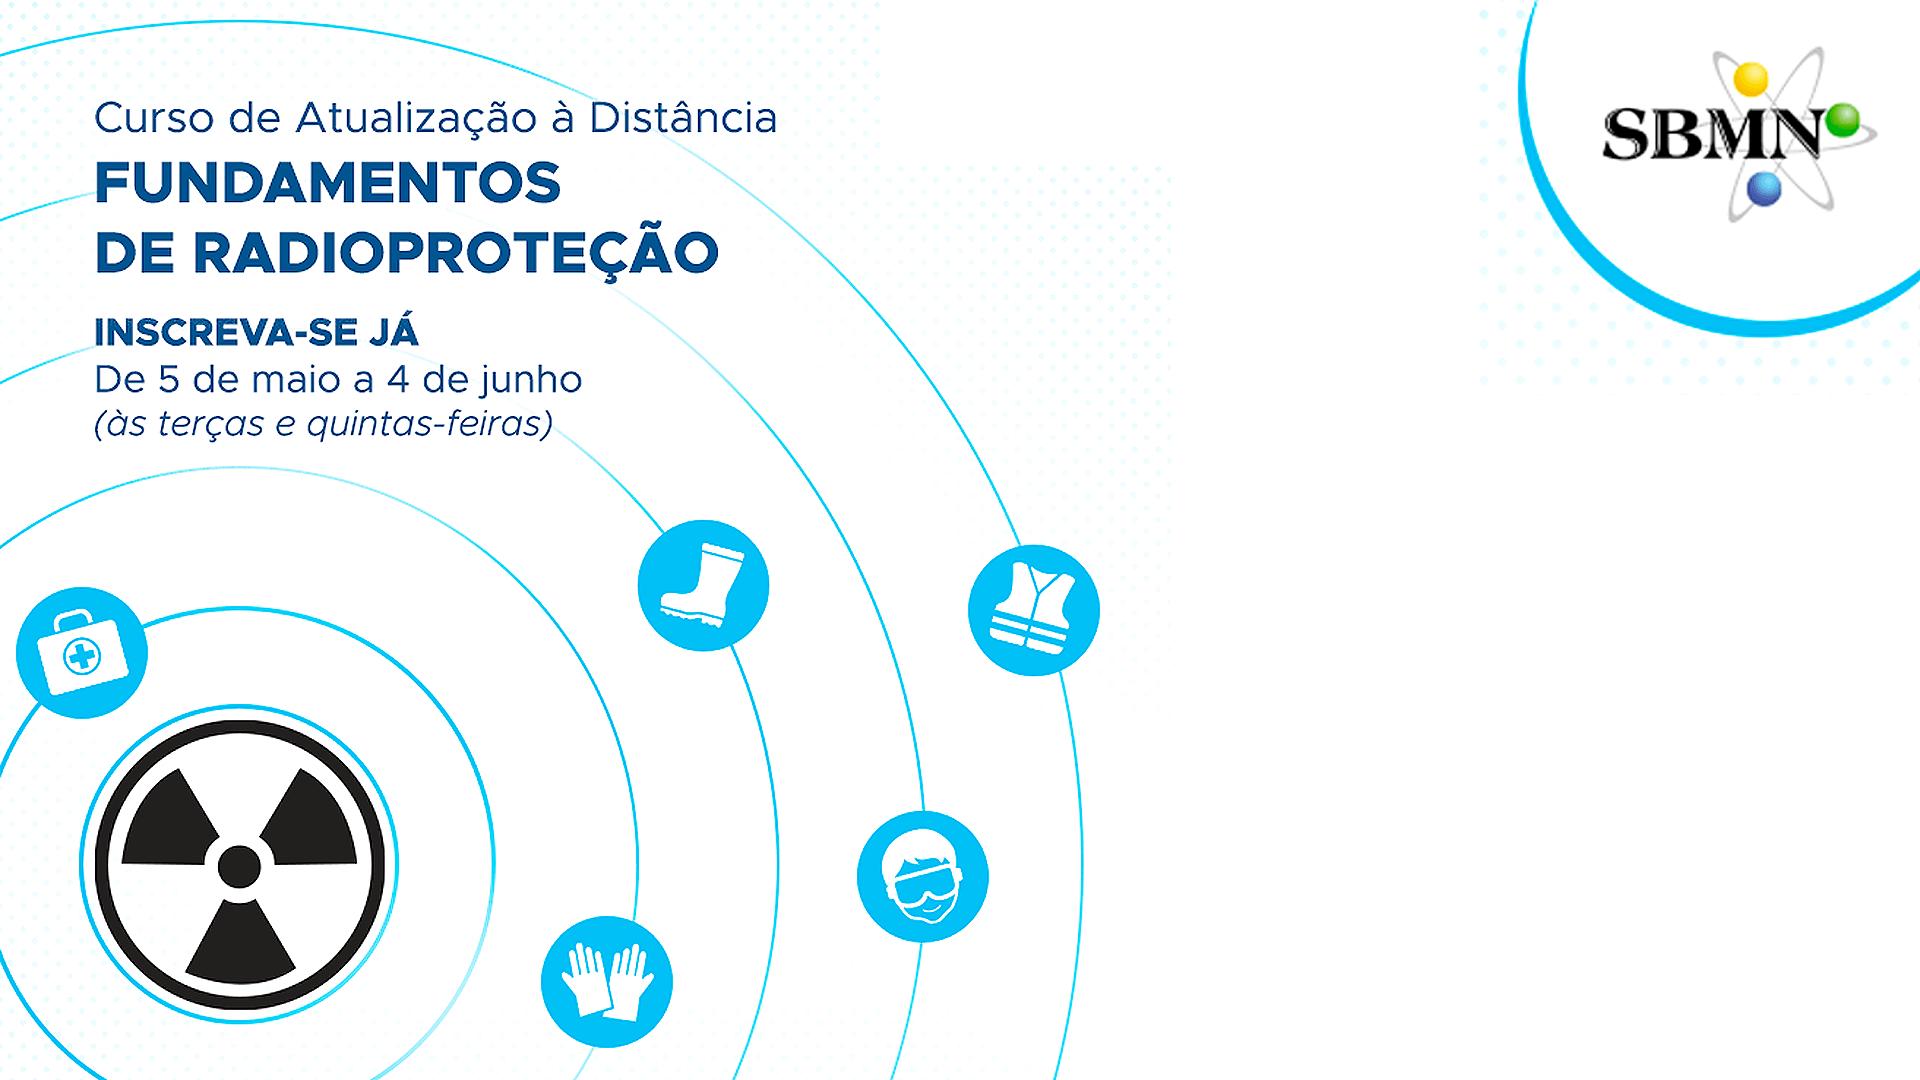 CURSO DE ATUALIZAÇÃO À DISTÂNCIA FUNDAMENTOS DE RADIOPROTEÇÃO DA SOCIEDADE BRASILEIRA DE MEDICINA NUCLEAR